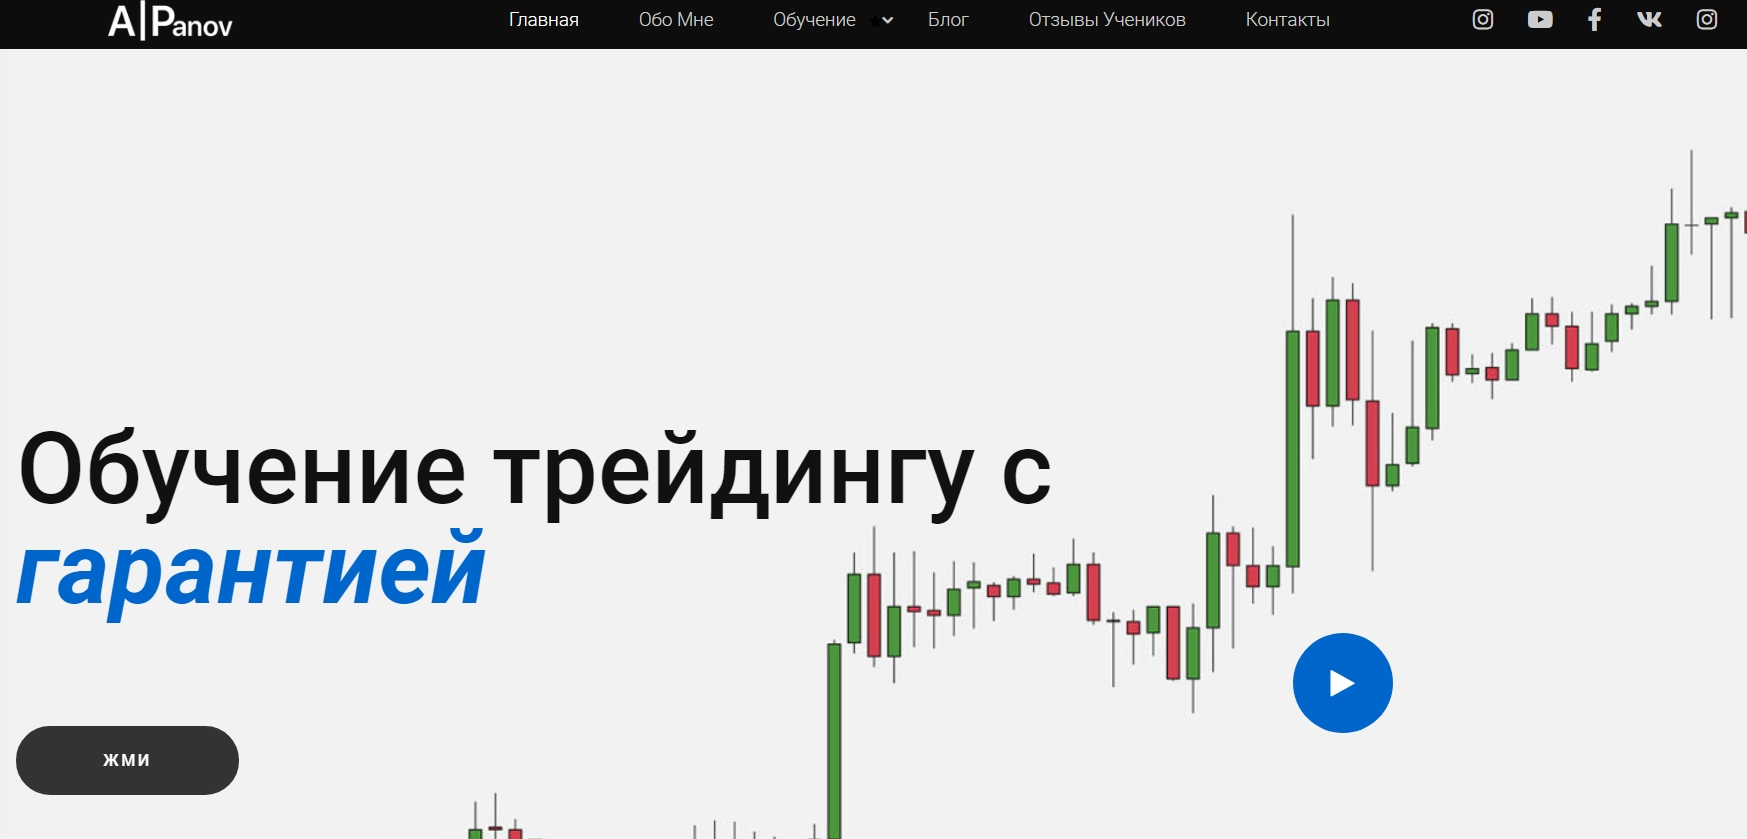 официальный сайт fantastictrader.ru